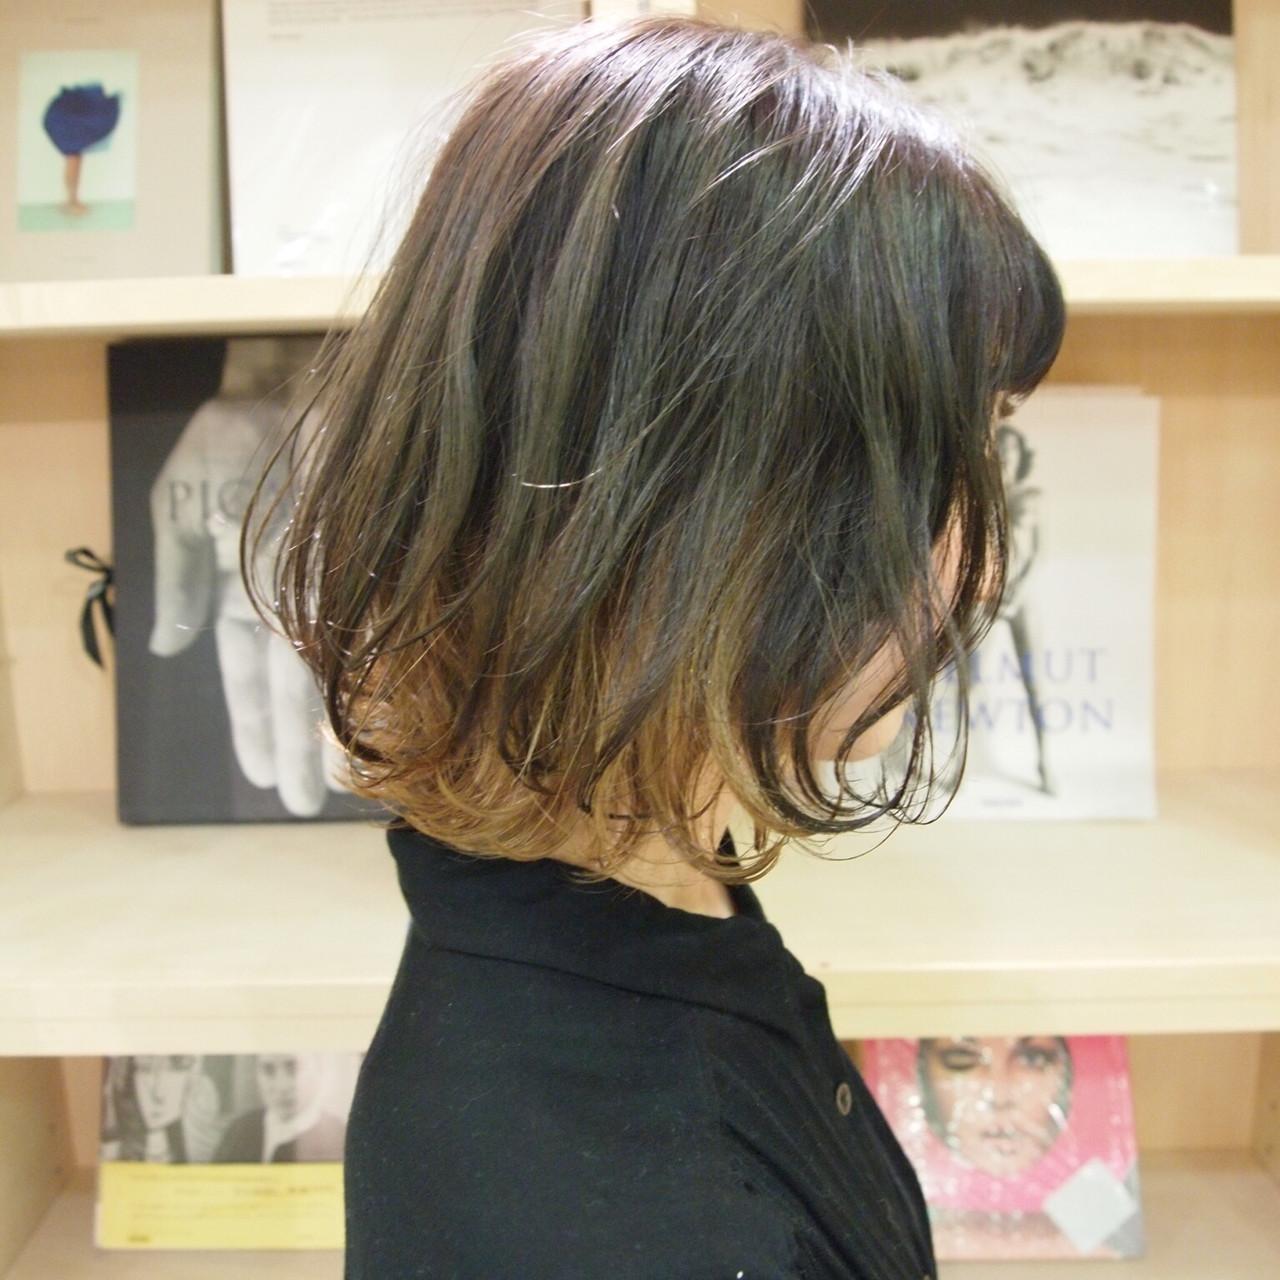 ポイントカラー デザインカラー モード ボブ ヘアスタイルや髪型の写真・画像